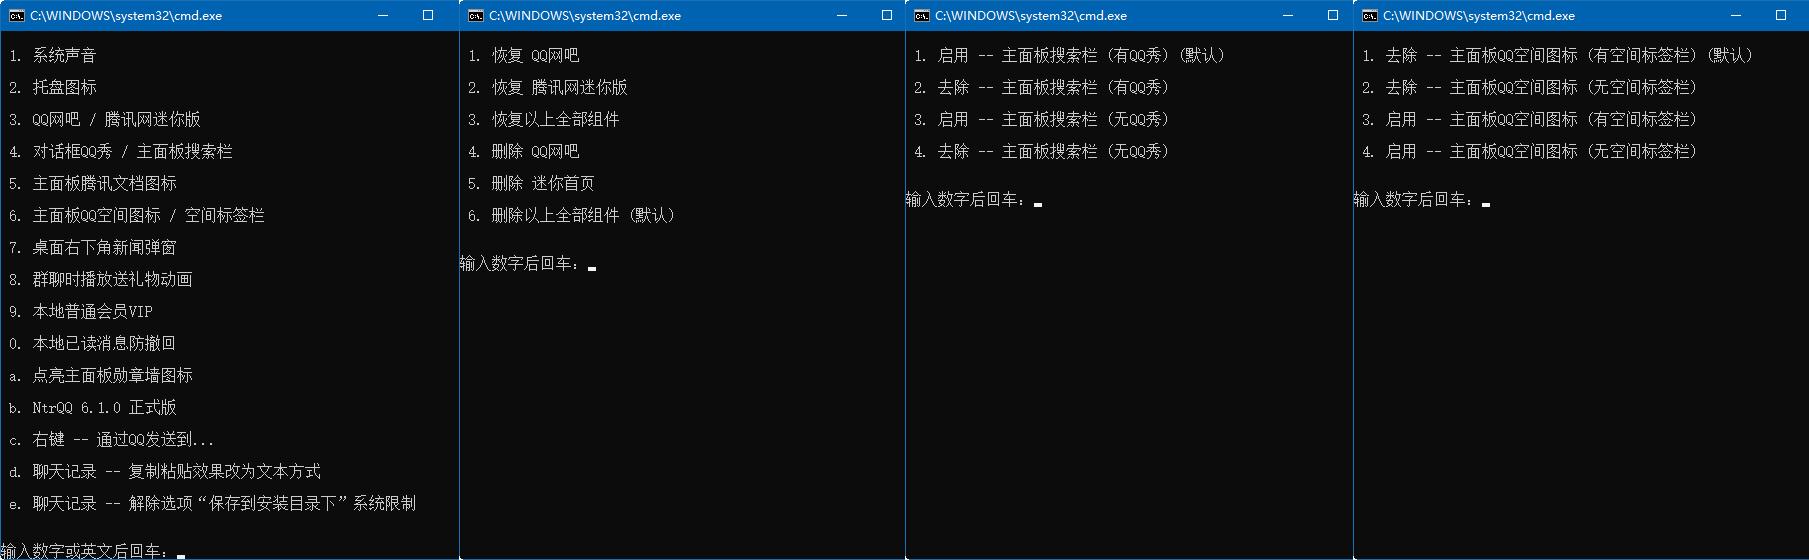 组件功能切换.jpg